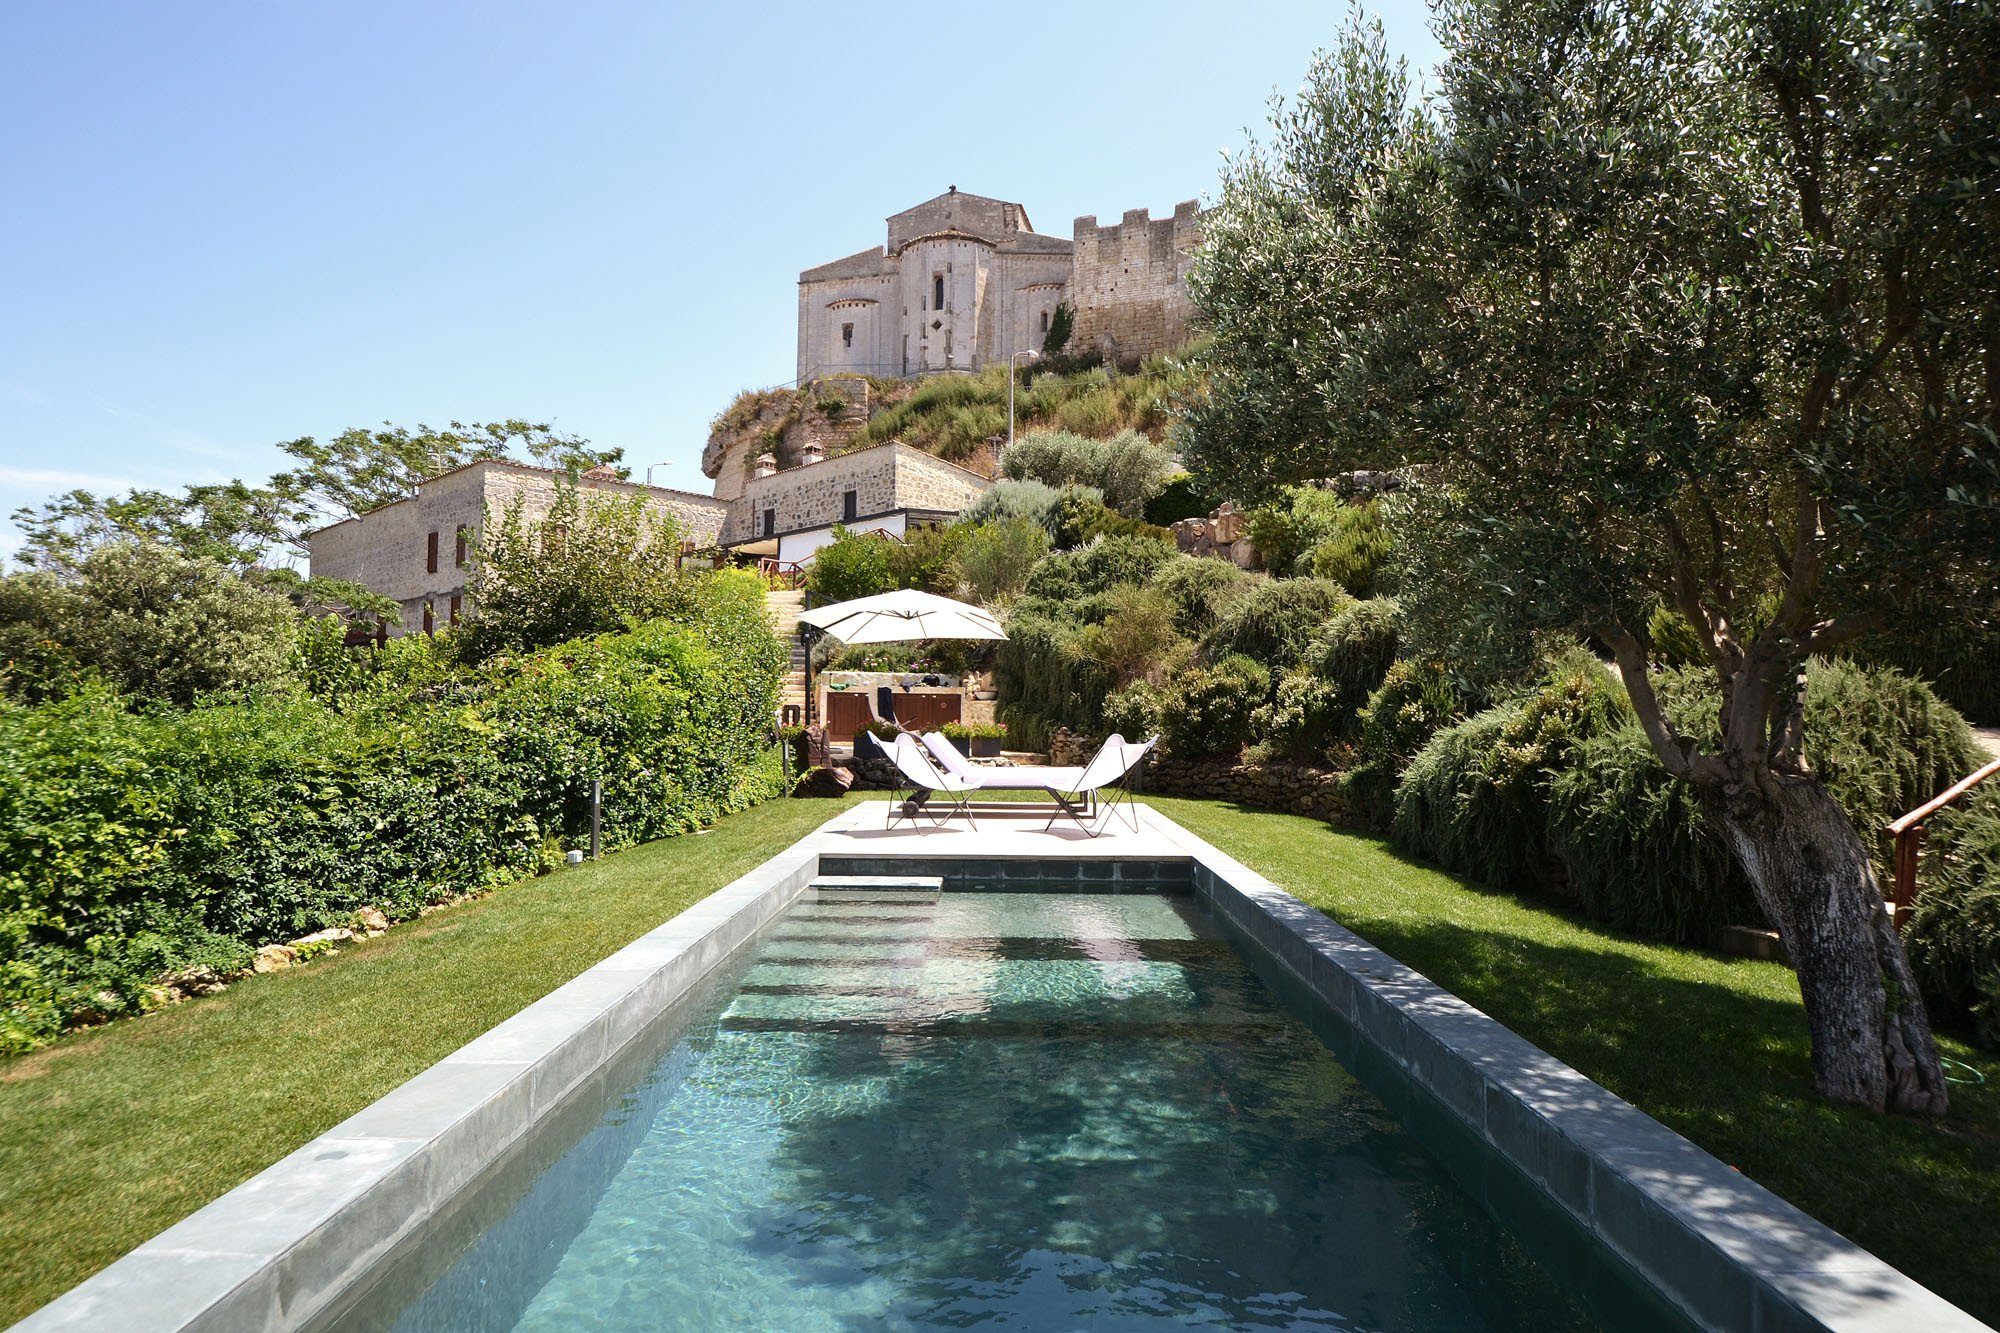 Marvelous Das Schwimmbecken Befindet Sich Im Garten Einer Alten Villa Unterhalb Der  Stadtmauer Von Tarquinia